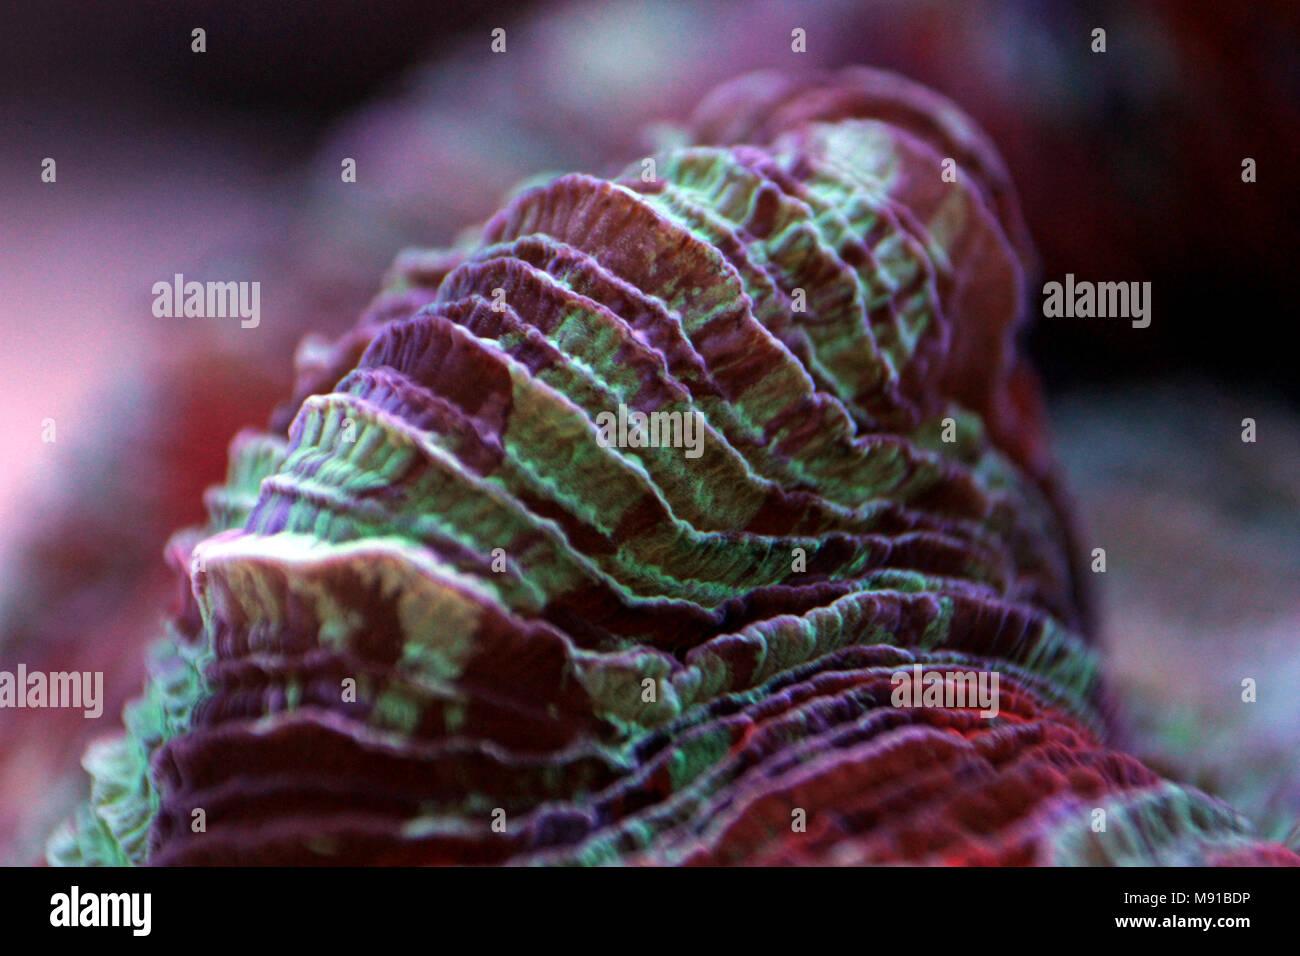 Open brain LPS coral in reef aquarium tank Stock Photo